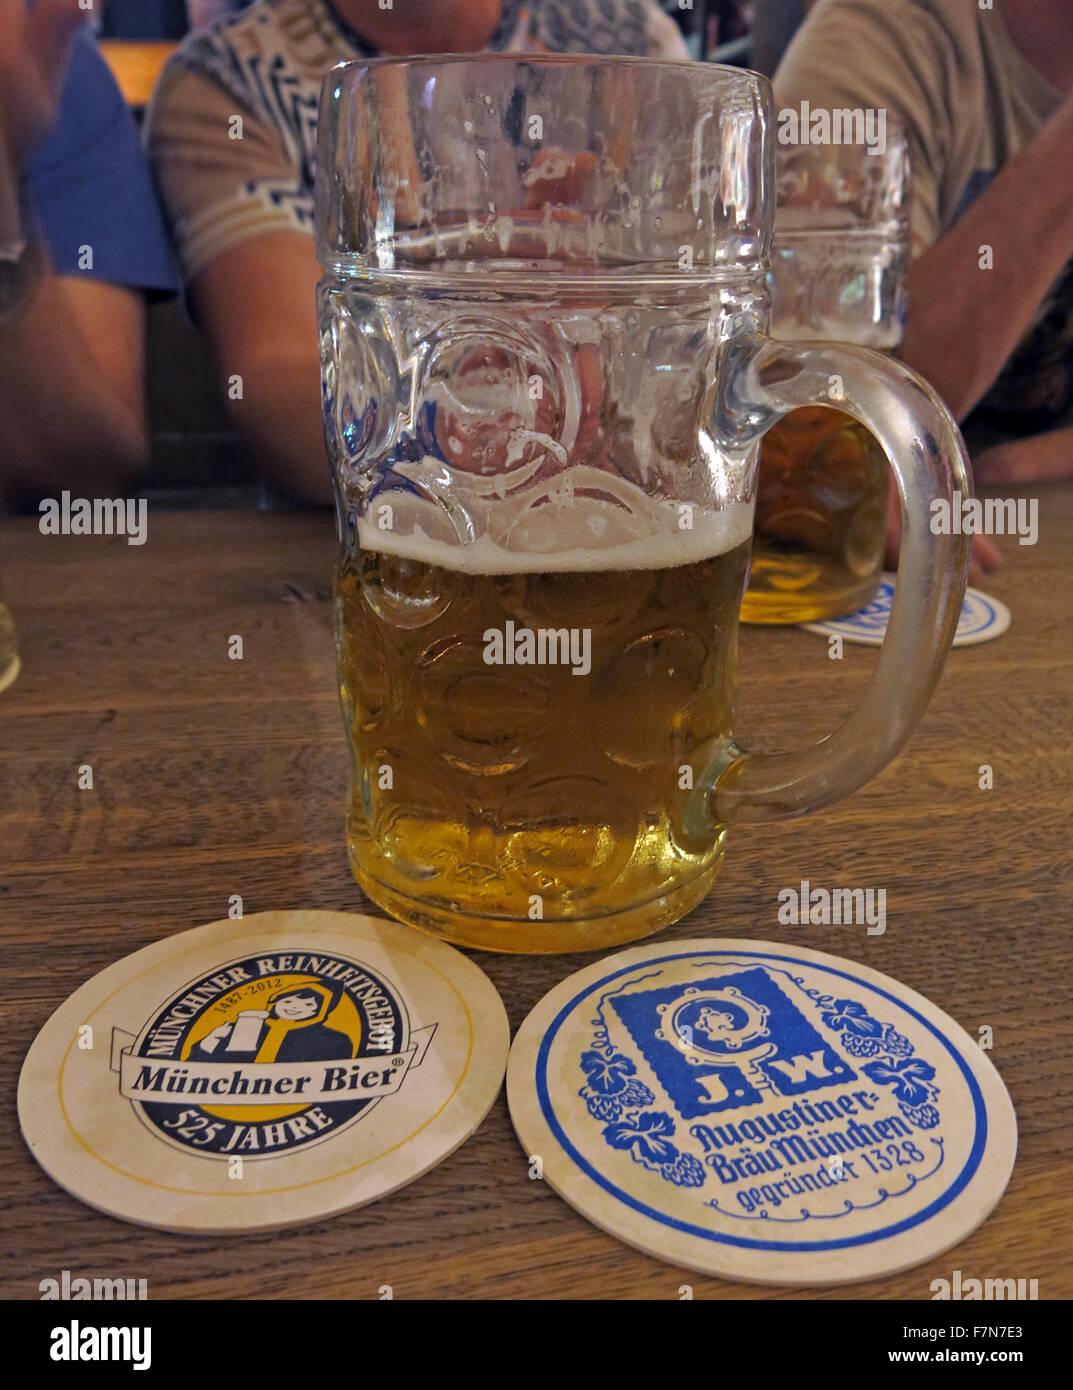 Laden Sie dieses Alamy Stockfoto Oktoberfest in München, Bayern, Deutschland, Stein und zwei Bierdeckel - F7N7E3